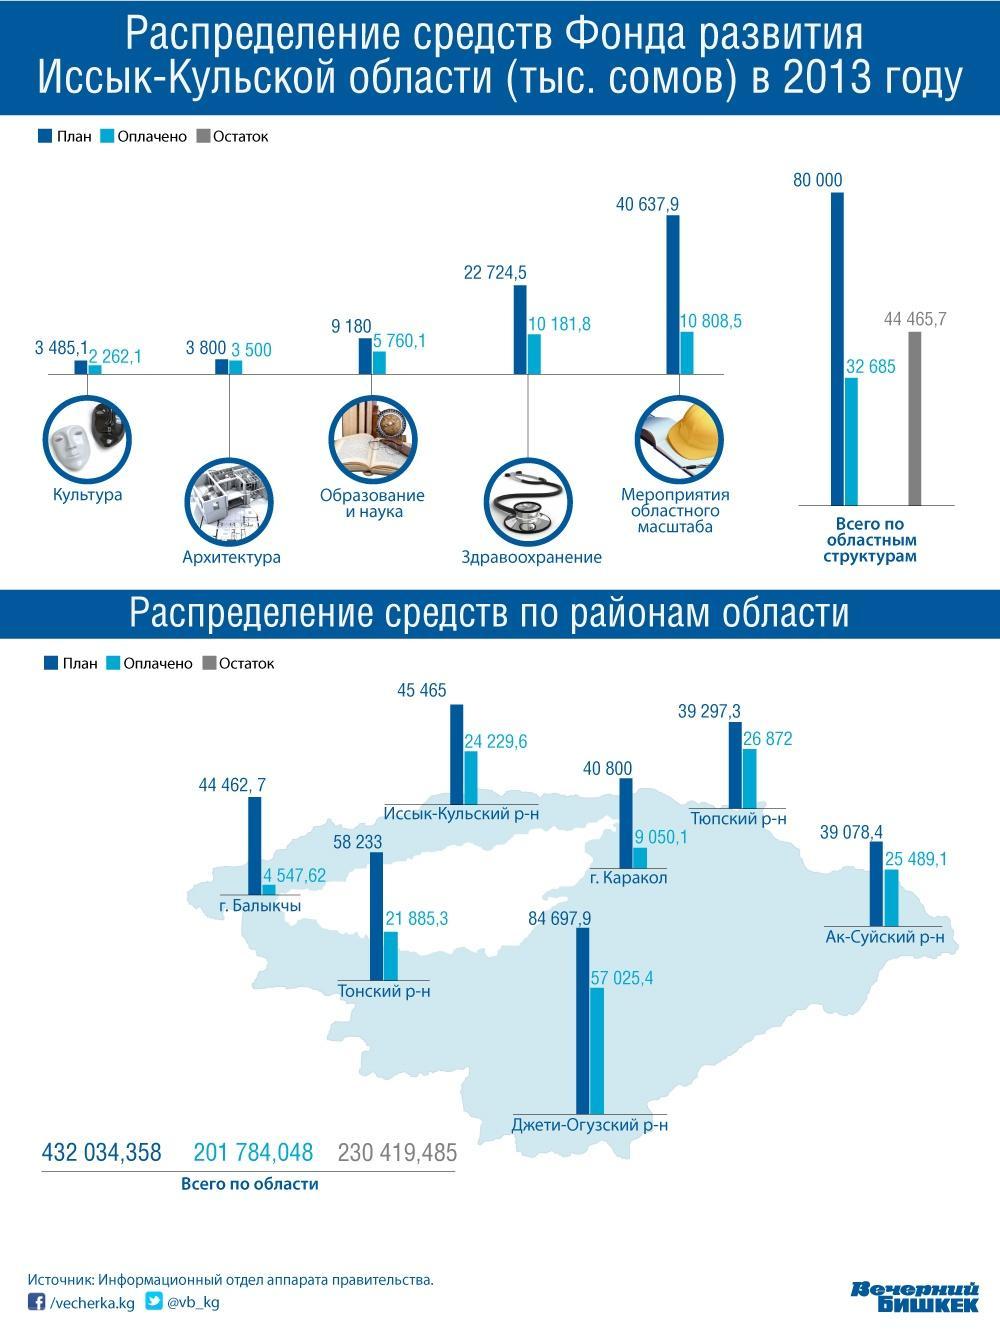 Фонд развития Иссык-Кульской области, который получает 1% от всей прибыли горнодобывающего предприятия с 2009 года